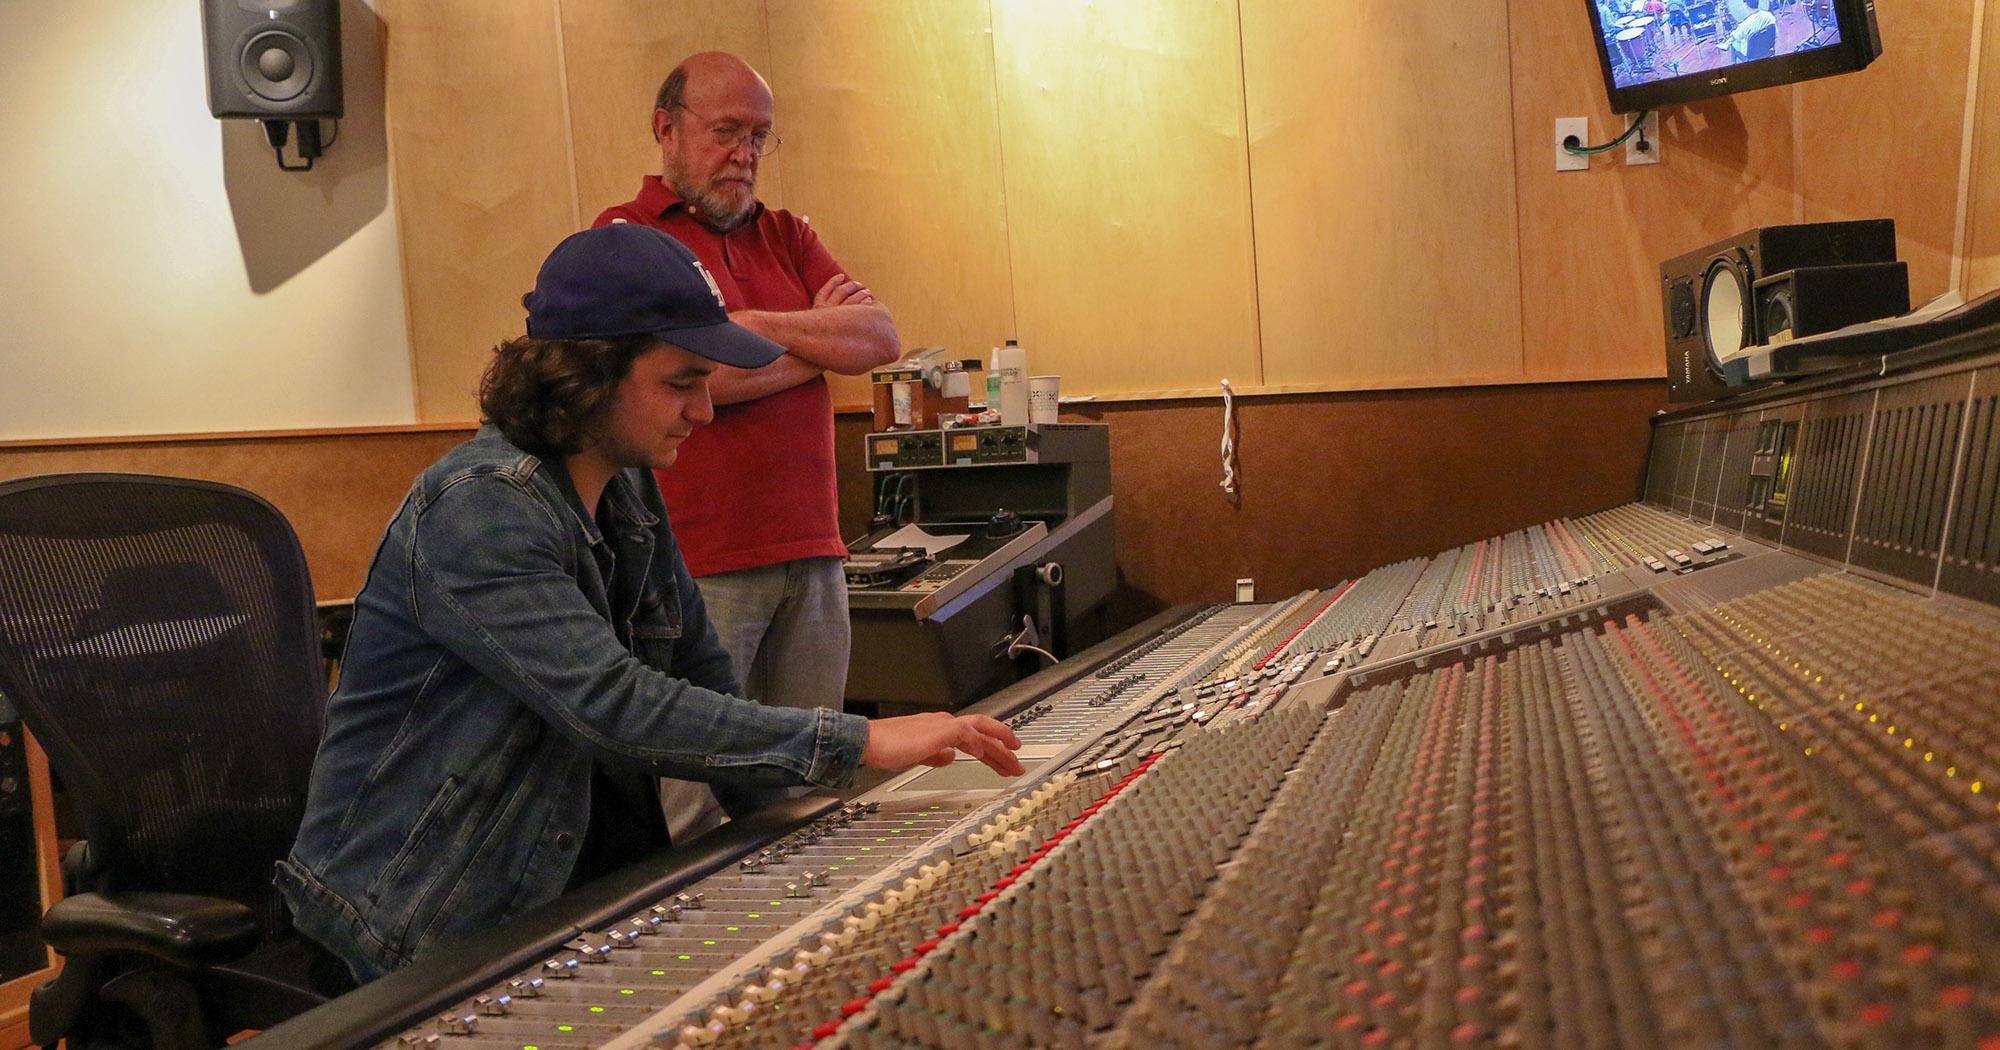 Joey Messina-Doerning (left) recording the USC Thornton Symphony while Richard McIlvery advises.